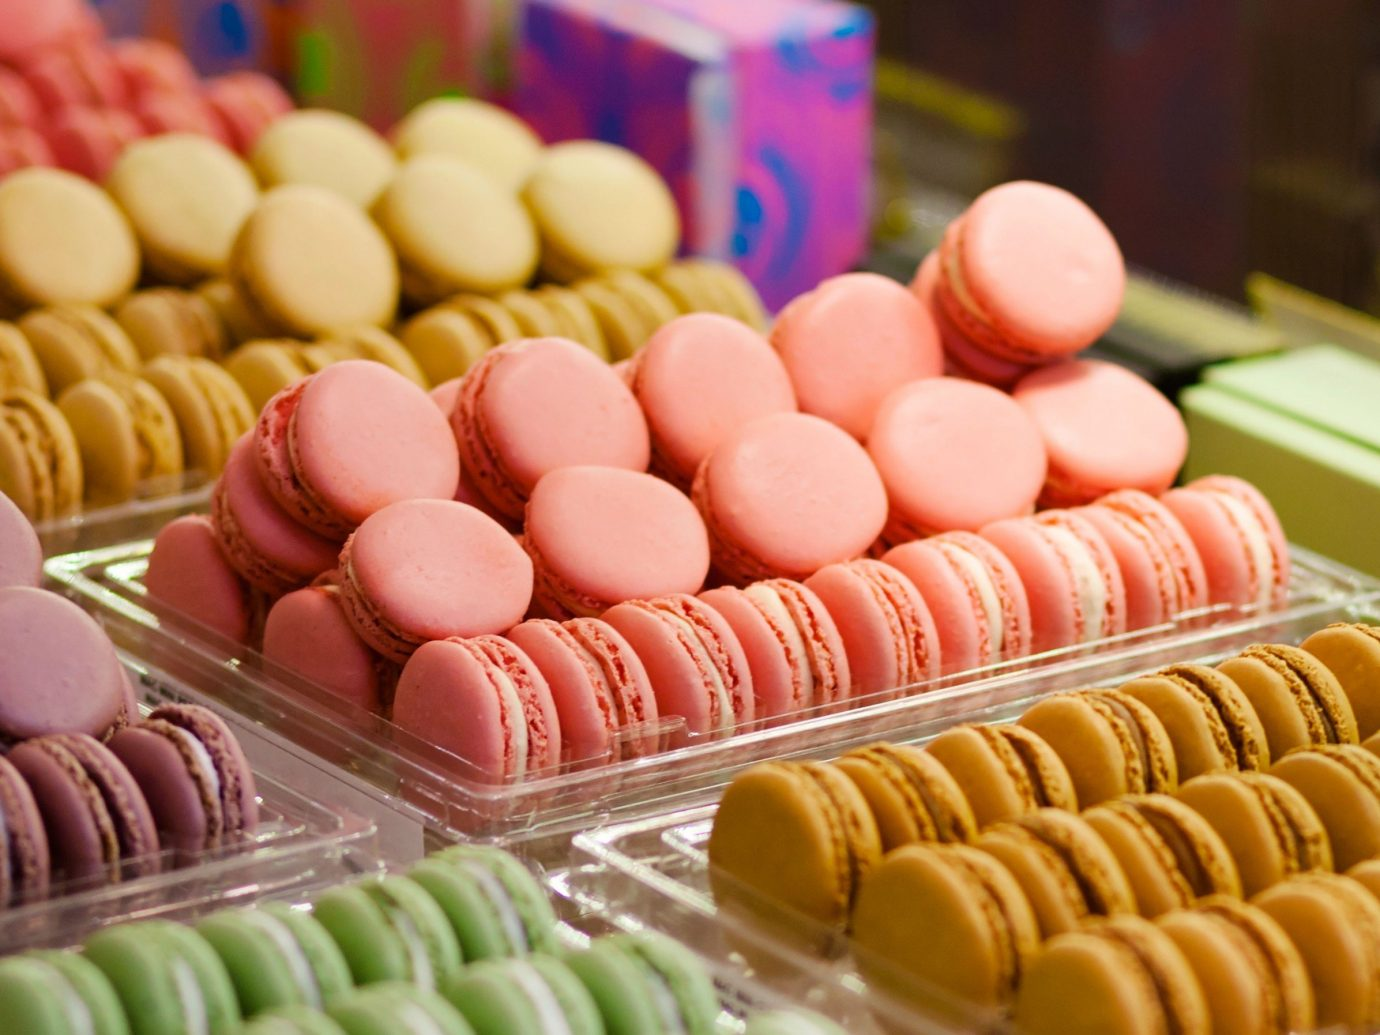 Style + Design food indoor dessert macaroon sweetness baking cuisine flavor meal arranged fresh sale